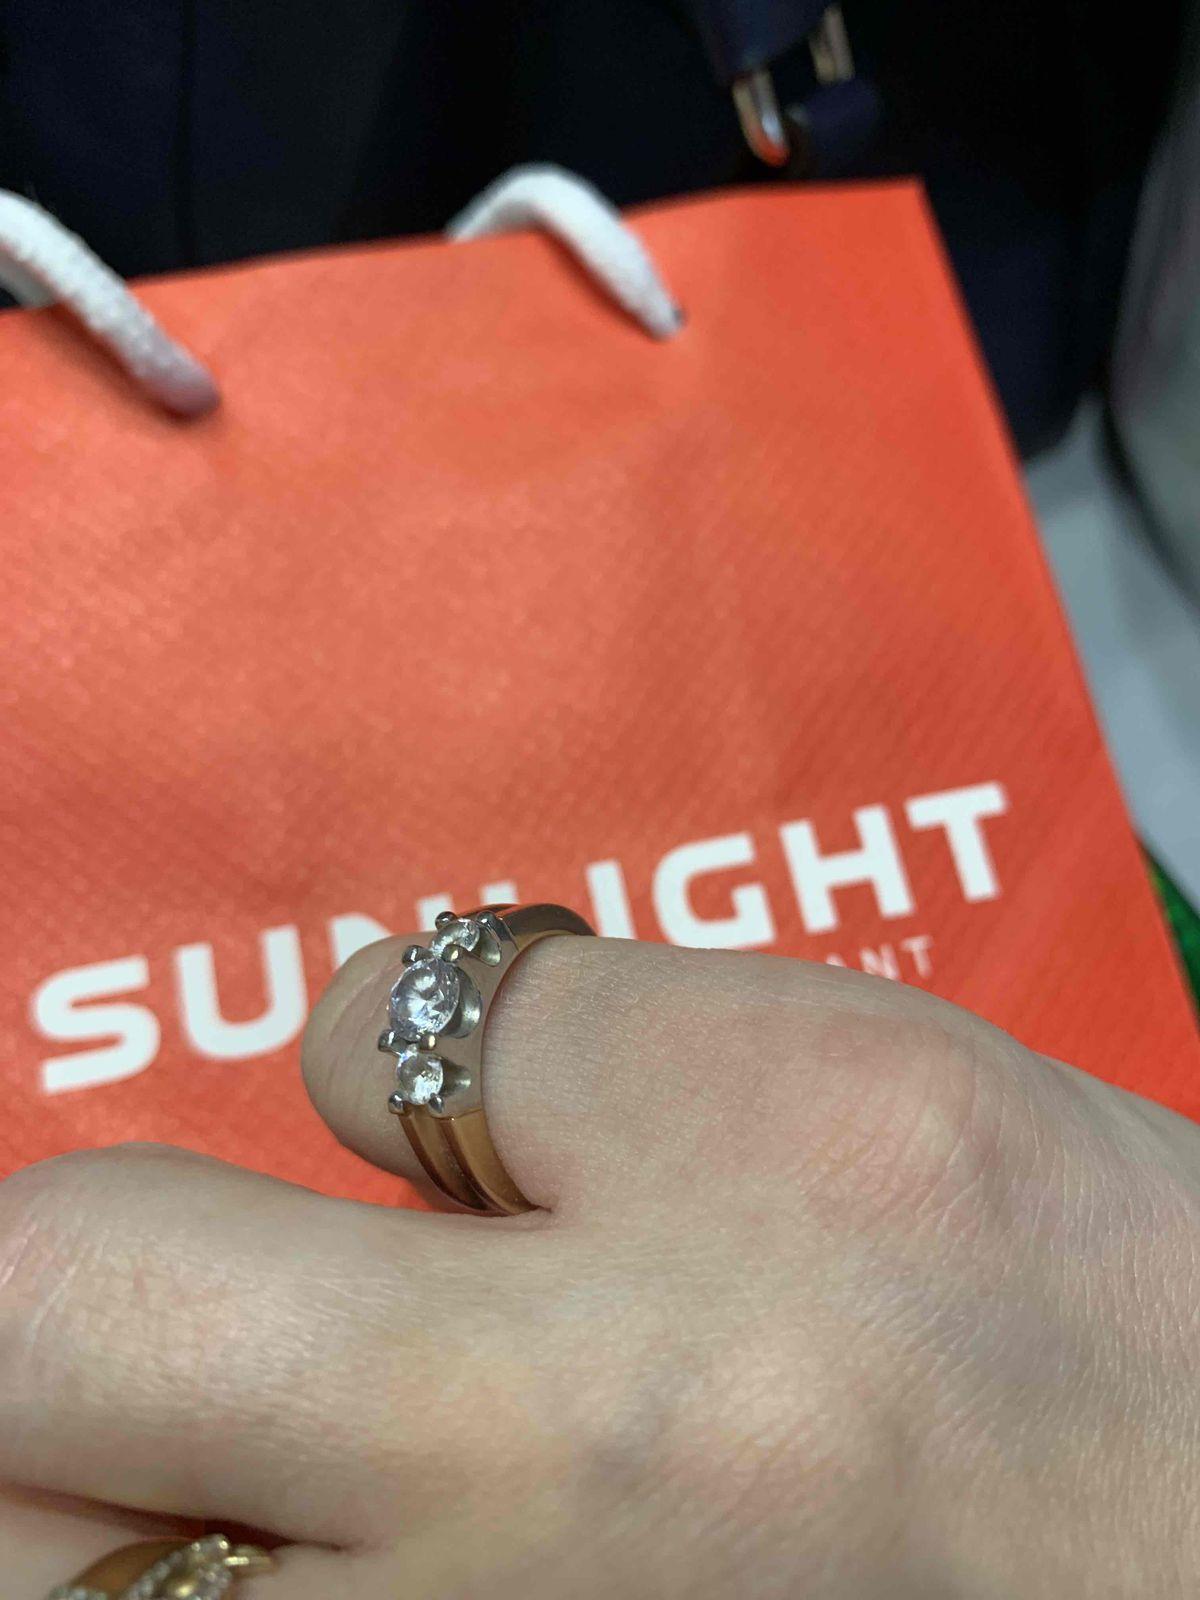 Ваааай, какое кольцо , безууумно красивое , очень сильно блестит